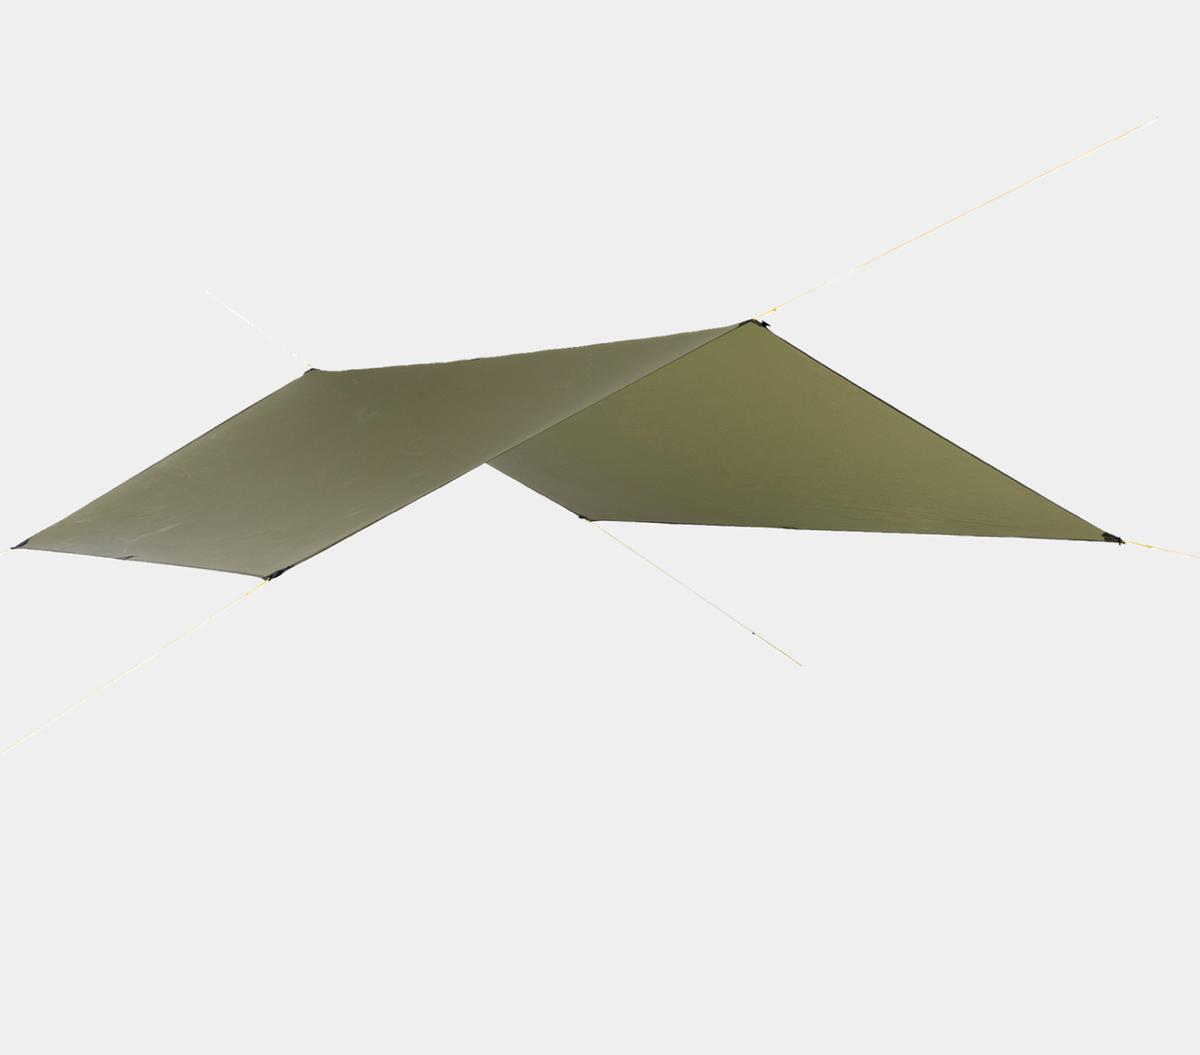 Bilde av Helsport  Bitihorn Trek Tarp 3,5x2,9 green